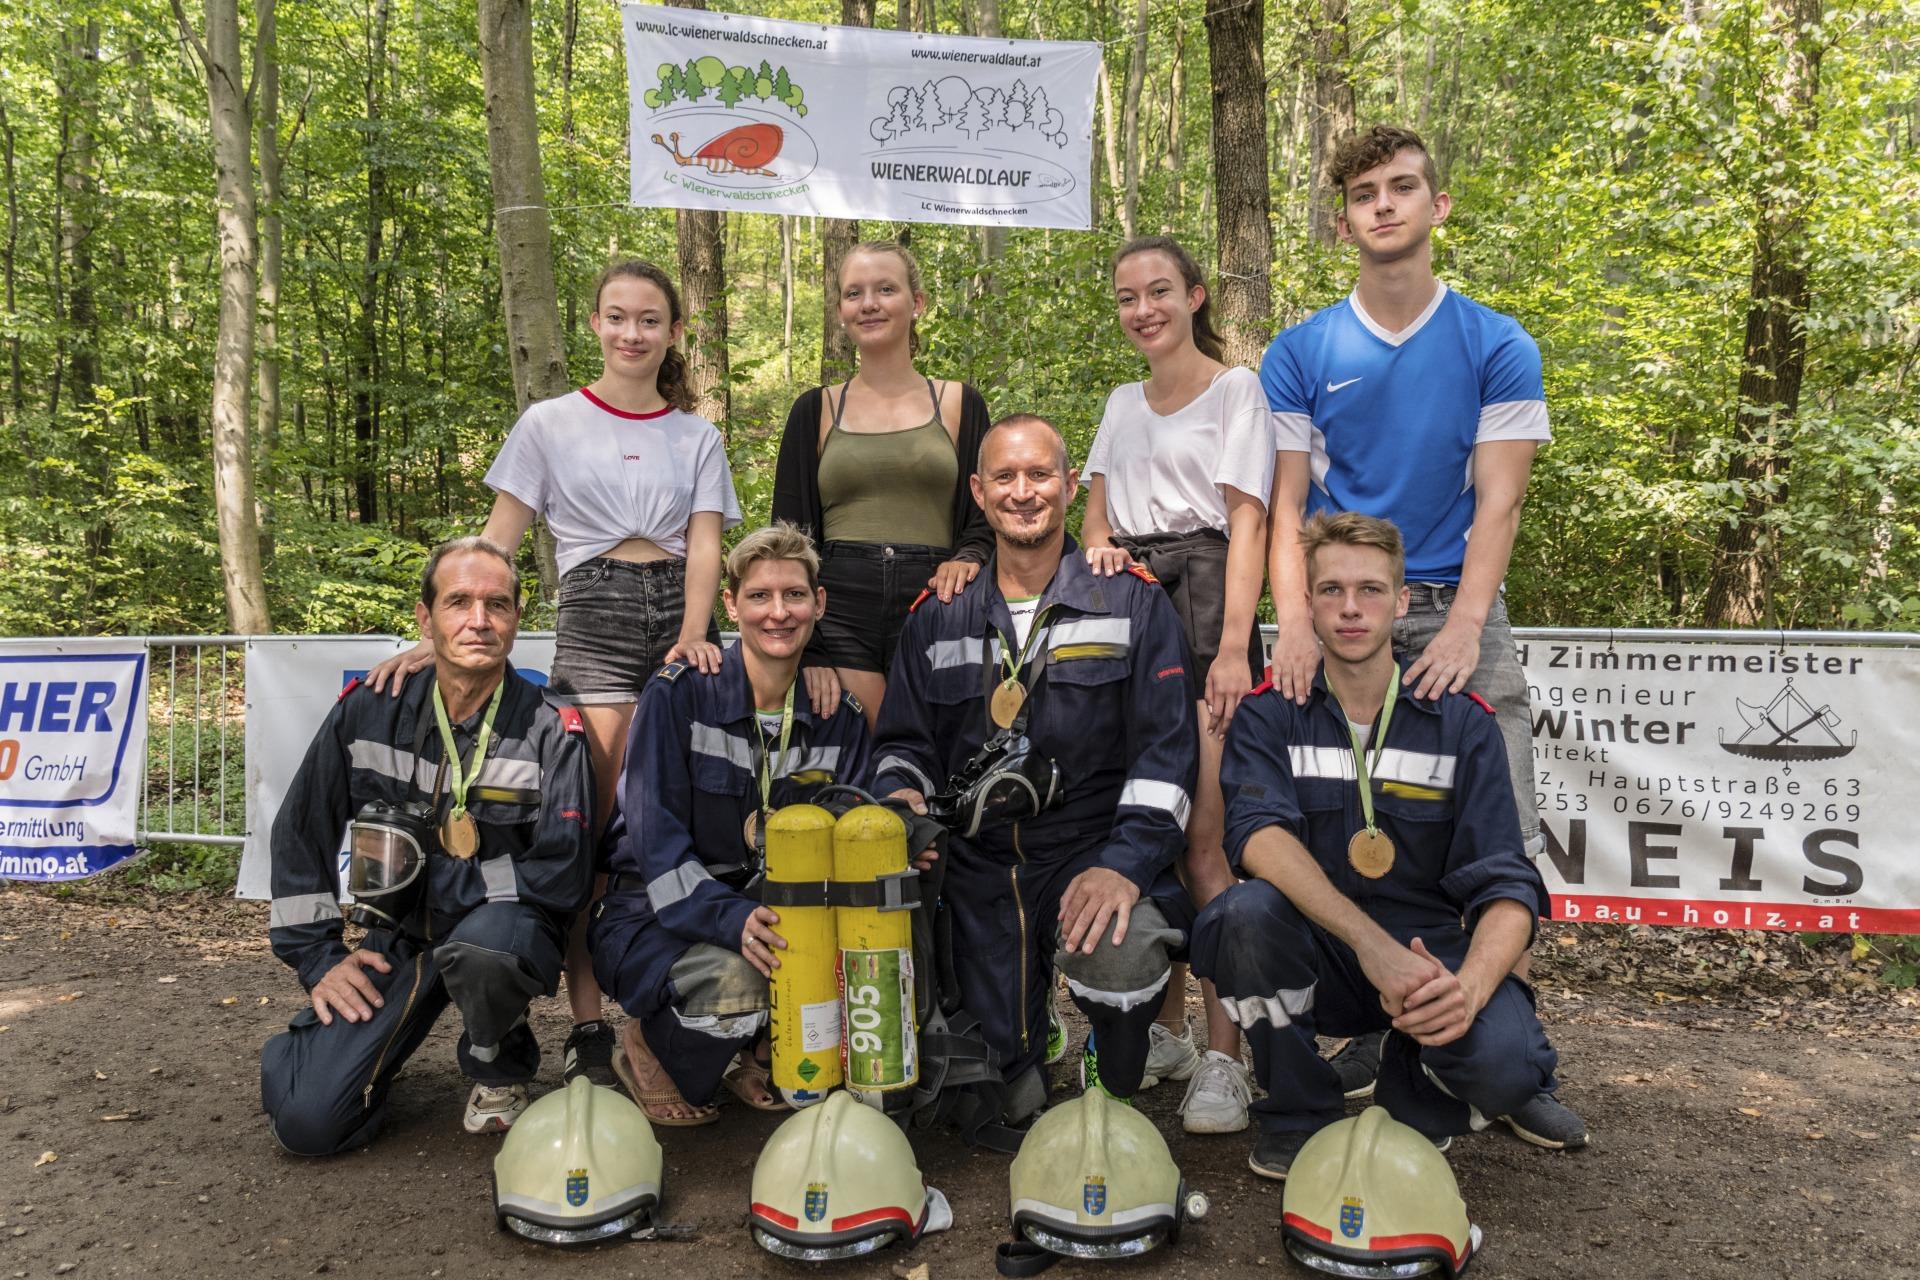 Wienerwaldlauf 2019